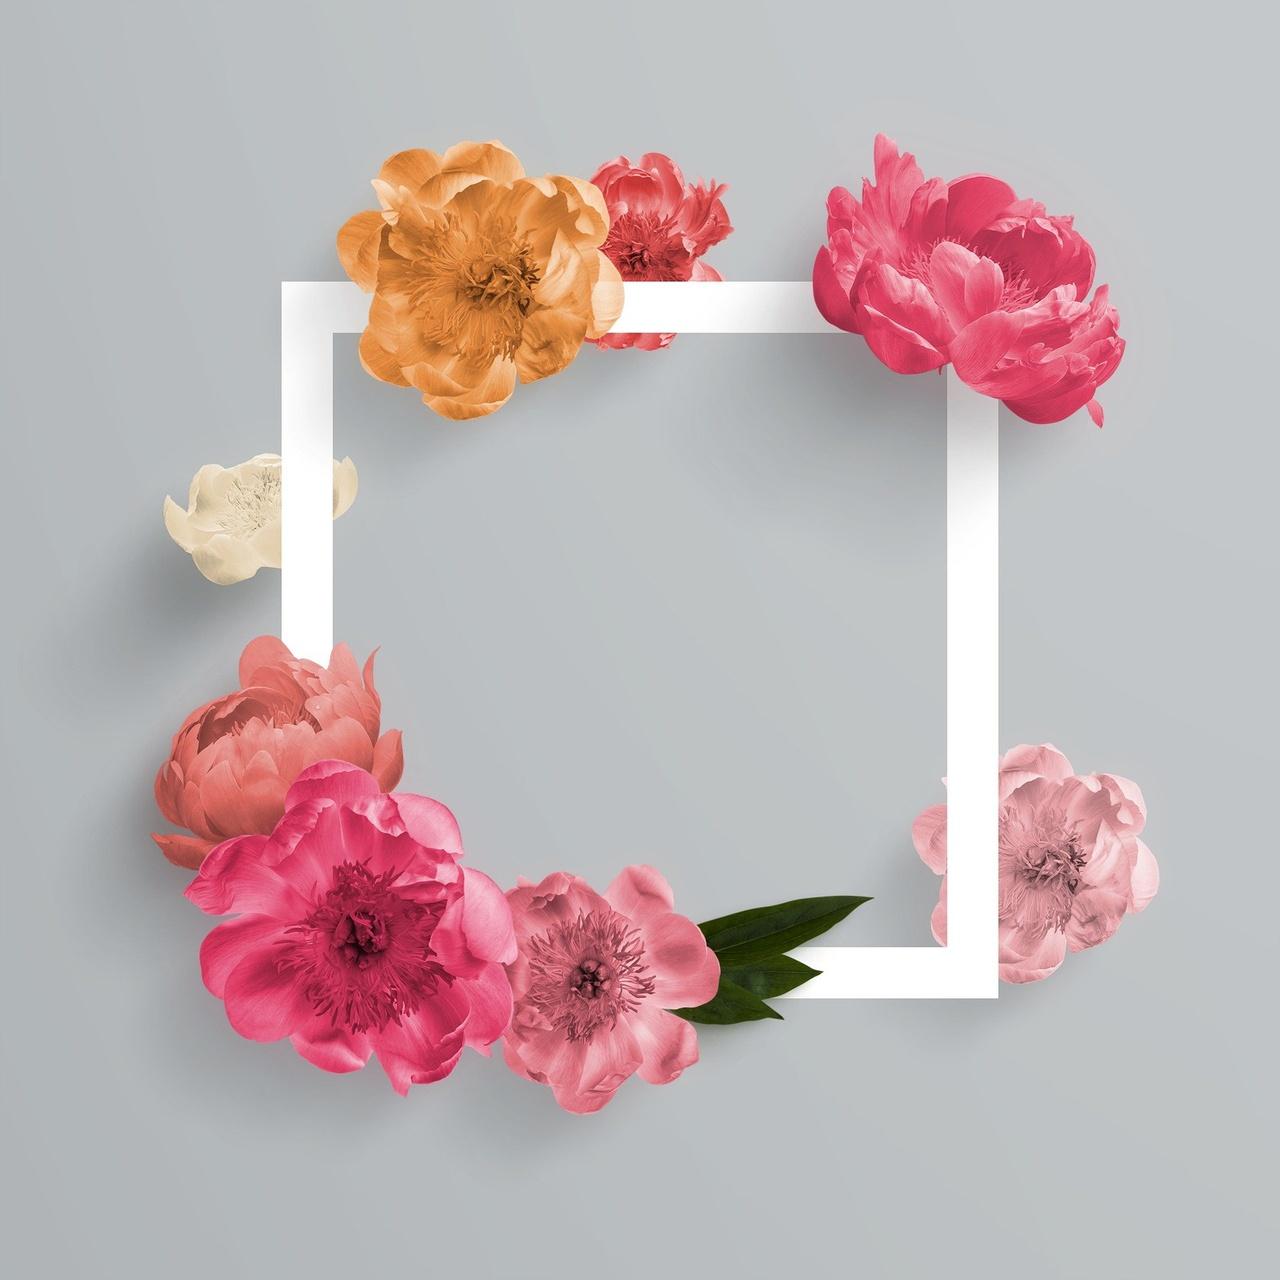 biała ramka z kwiatami